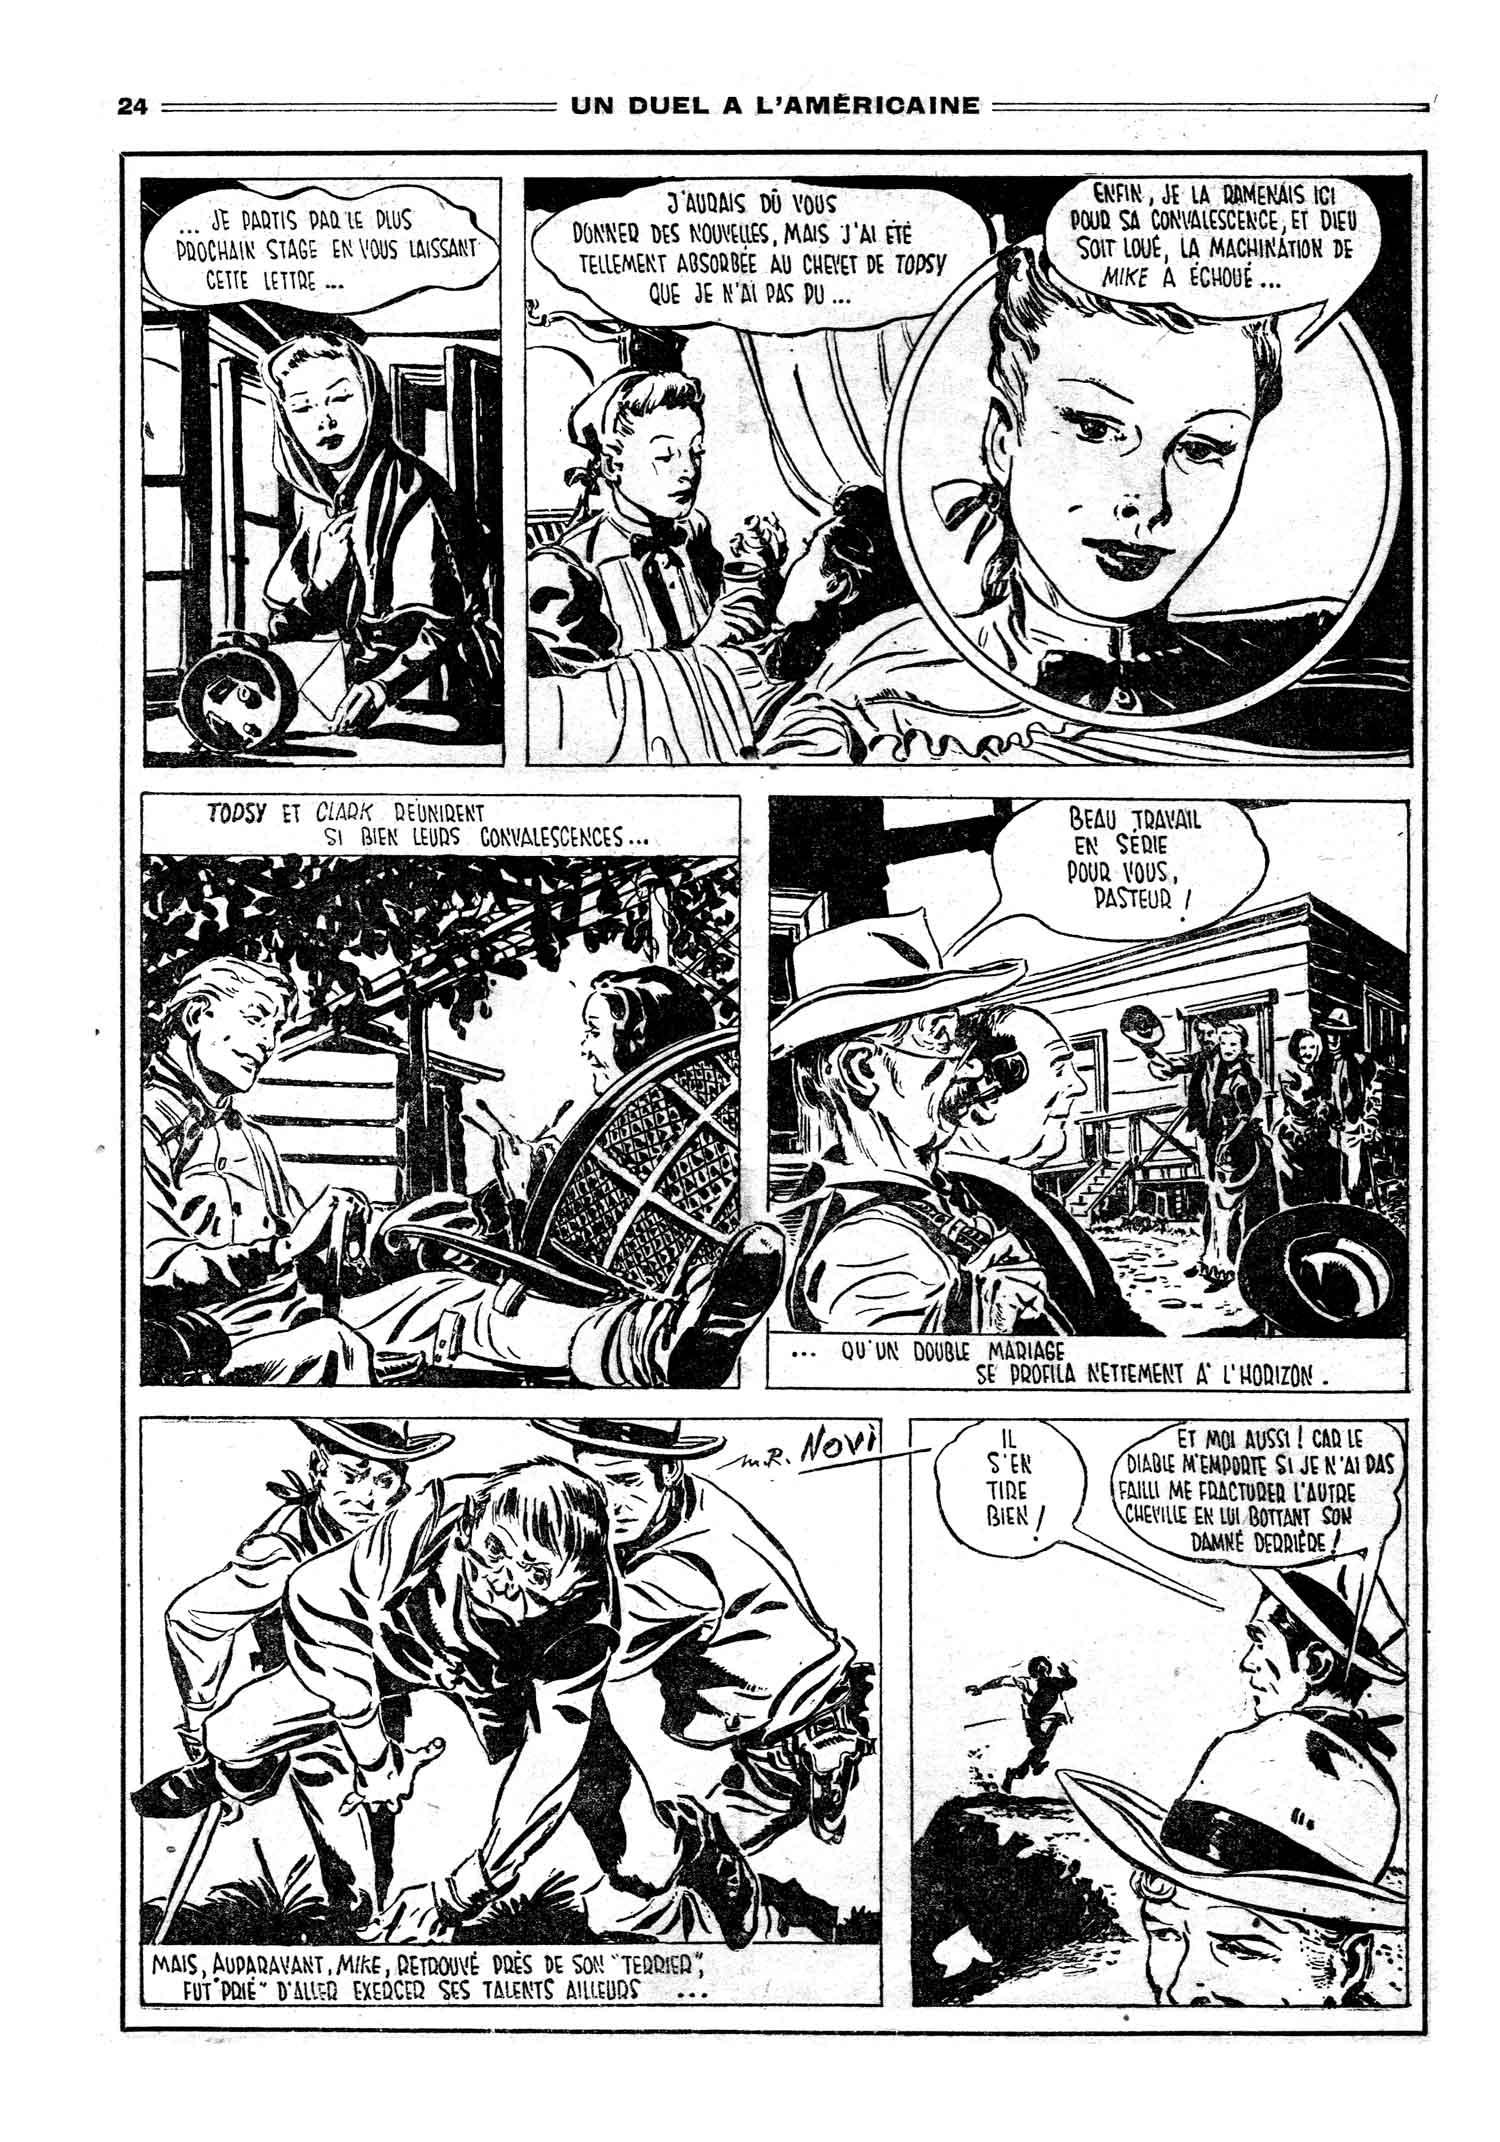 « Un Duel à l'américaine » dans Le Journal des Pieds nickelés n° 33.